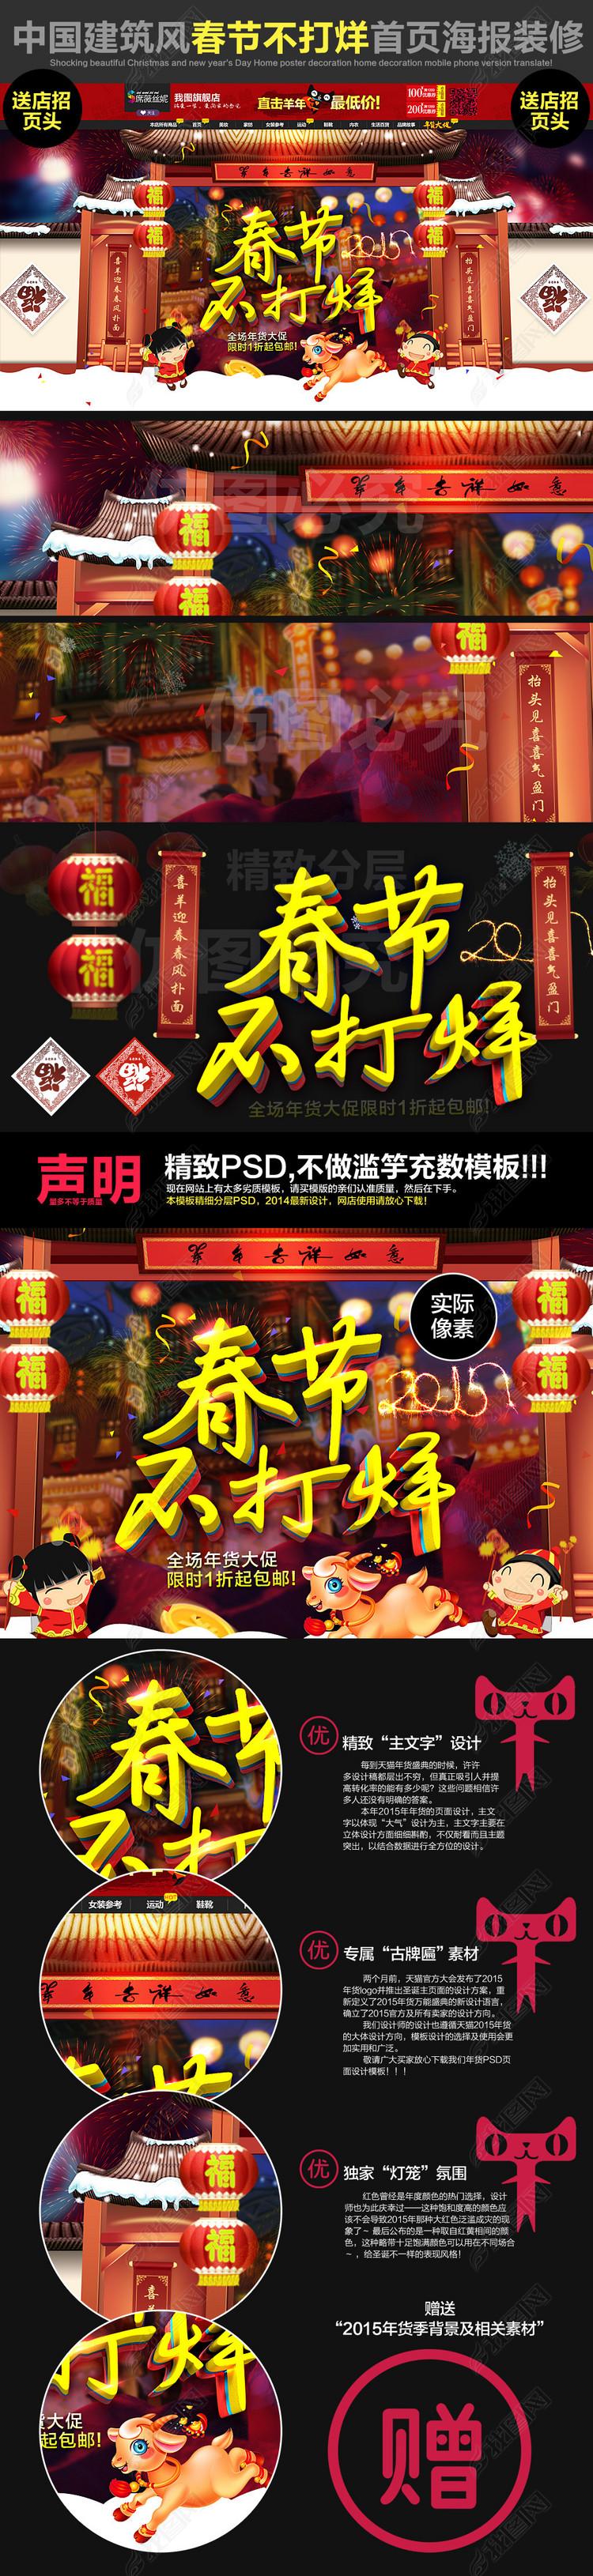 2015中国风春节不打烊首页海报模板下载